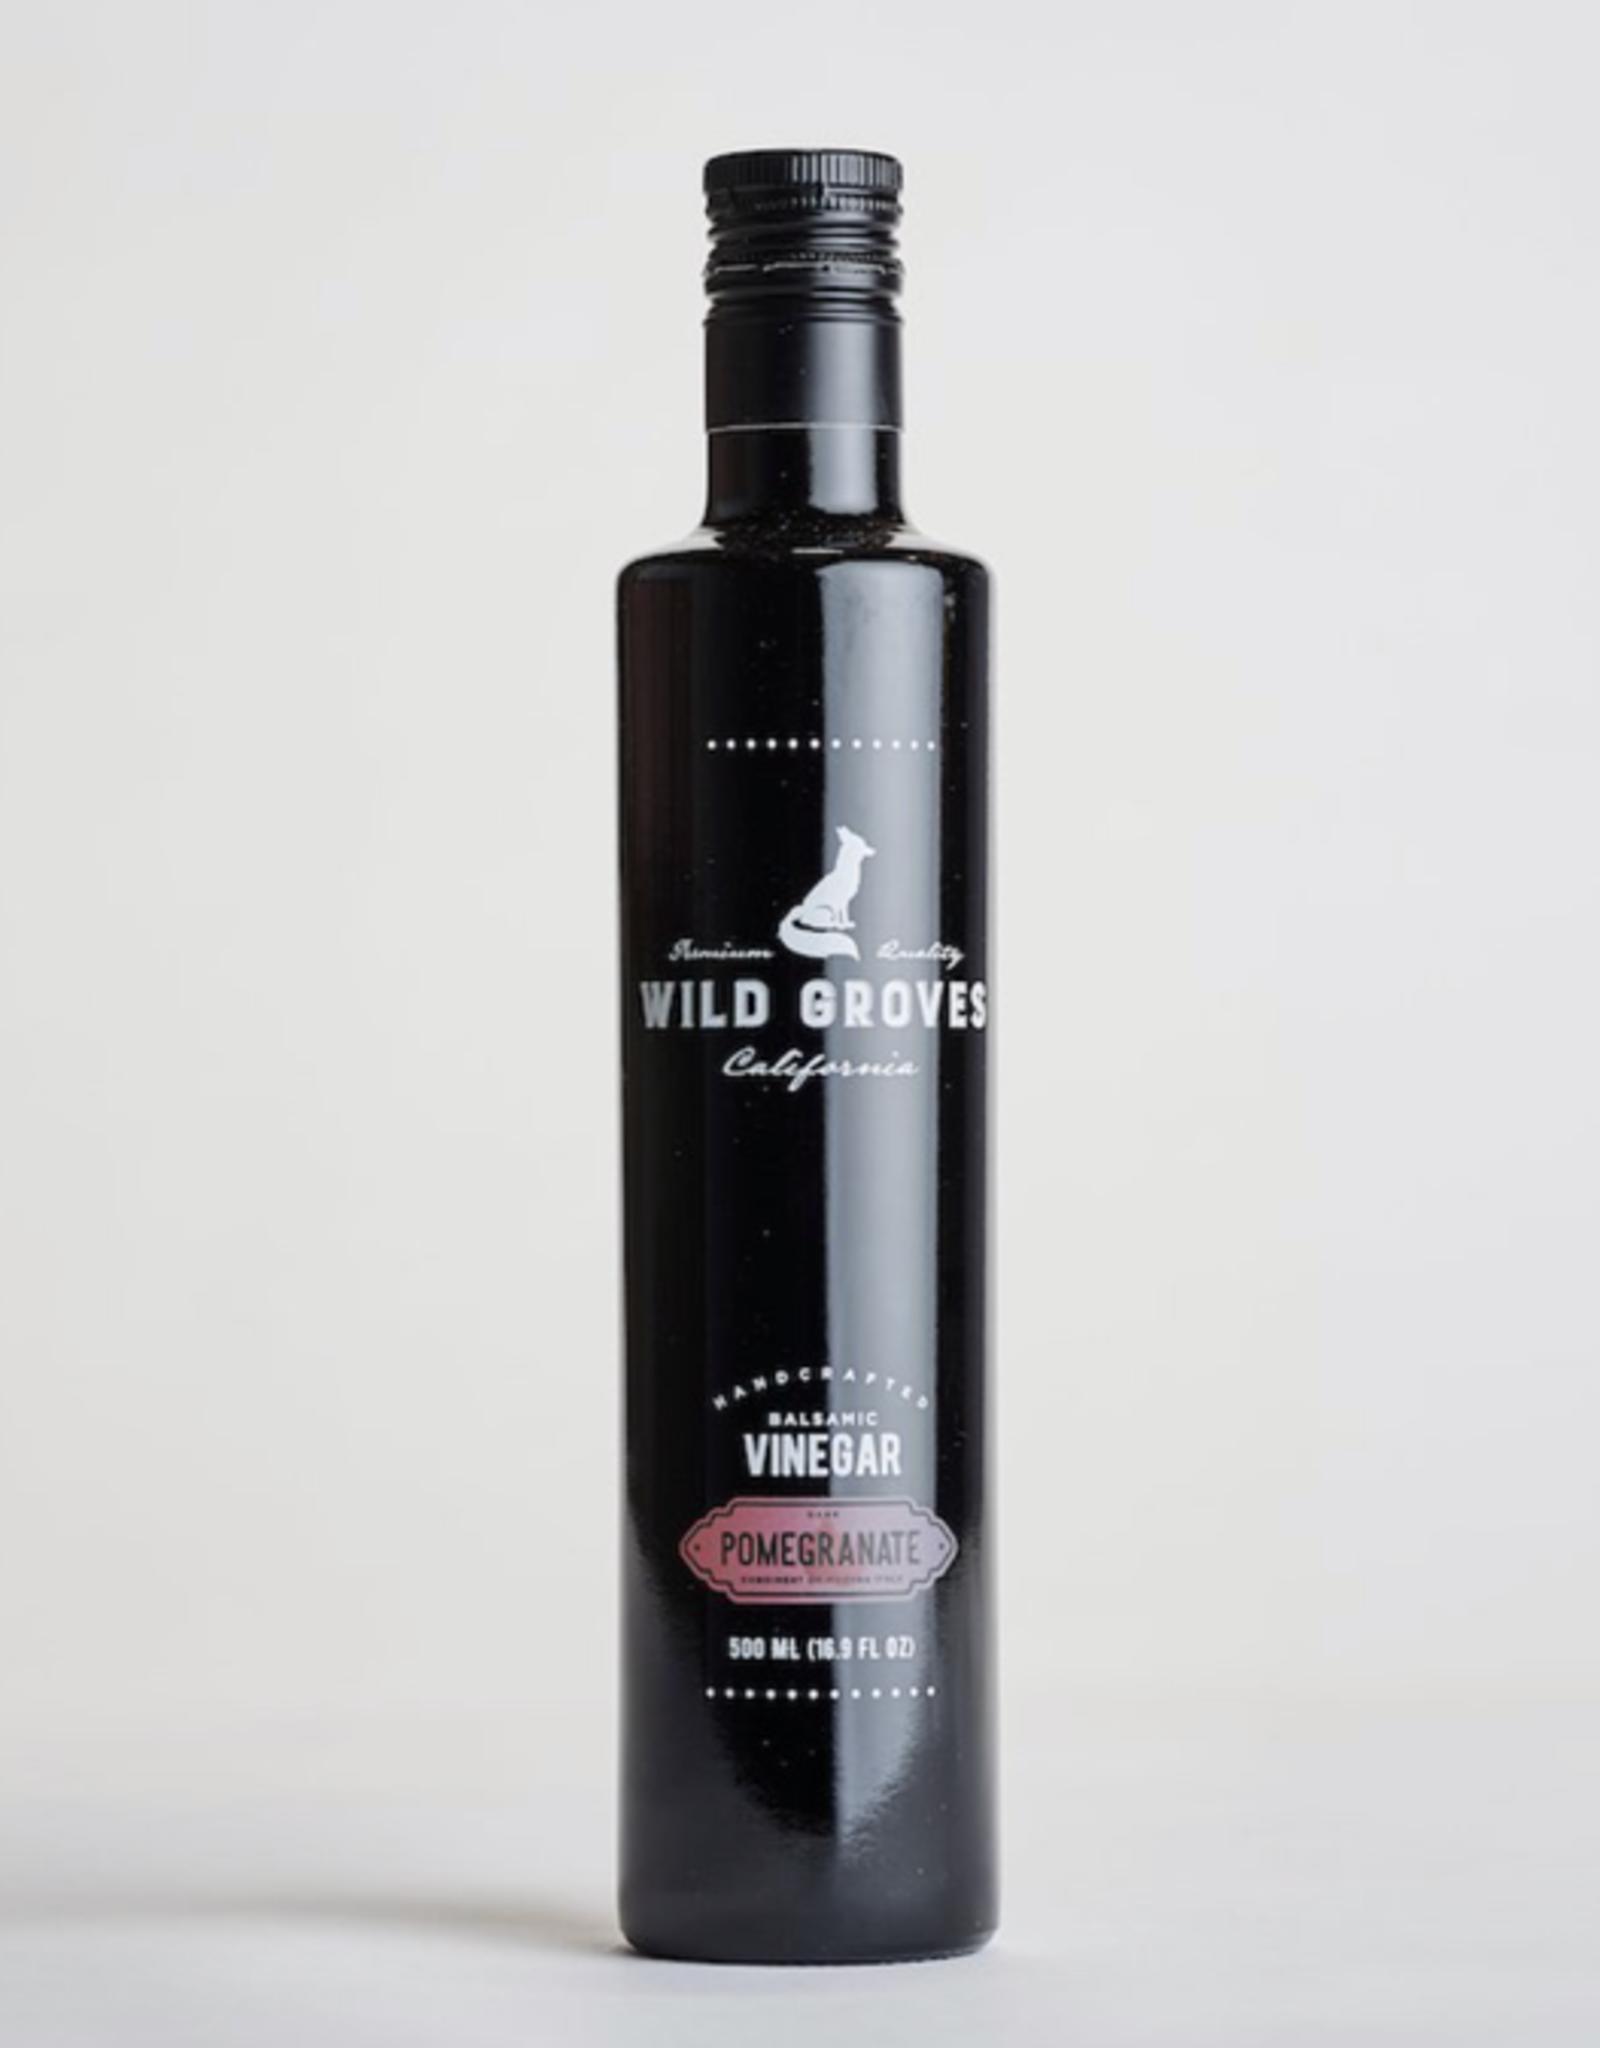 Wild Groves Pomegranate Balsamic Vinegar